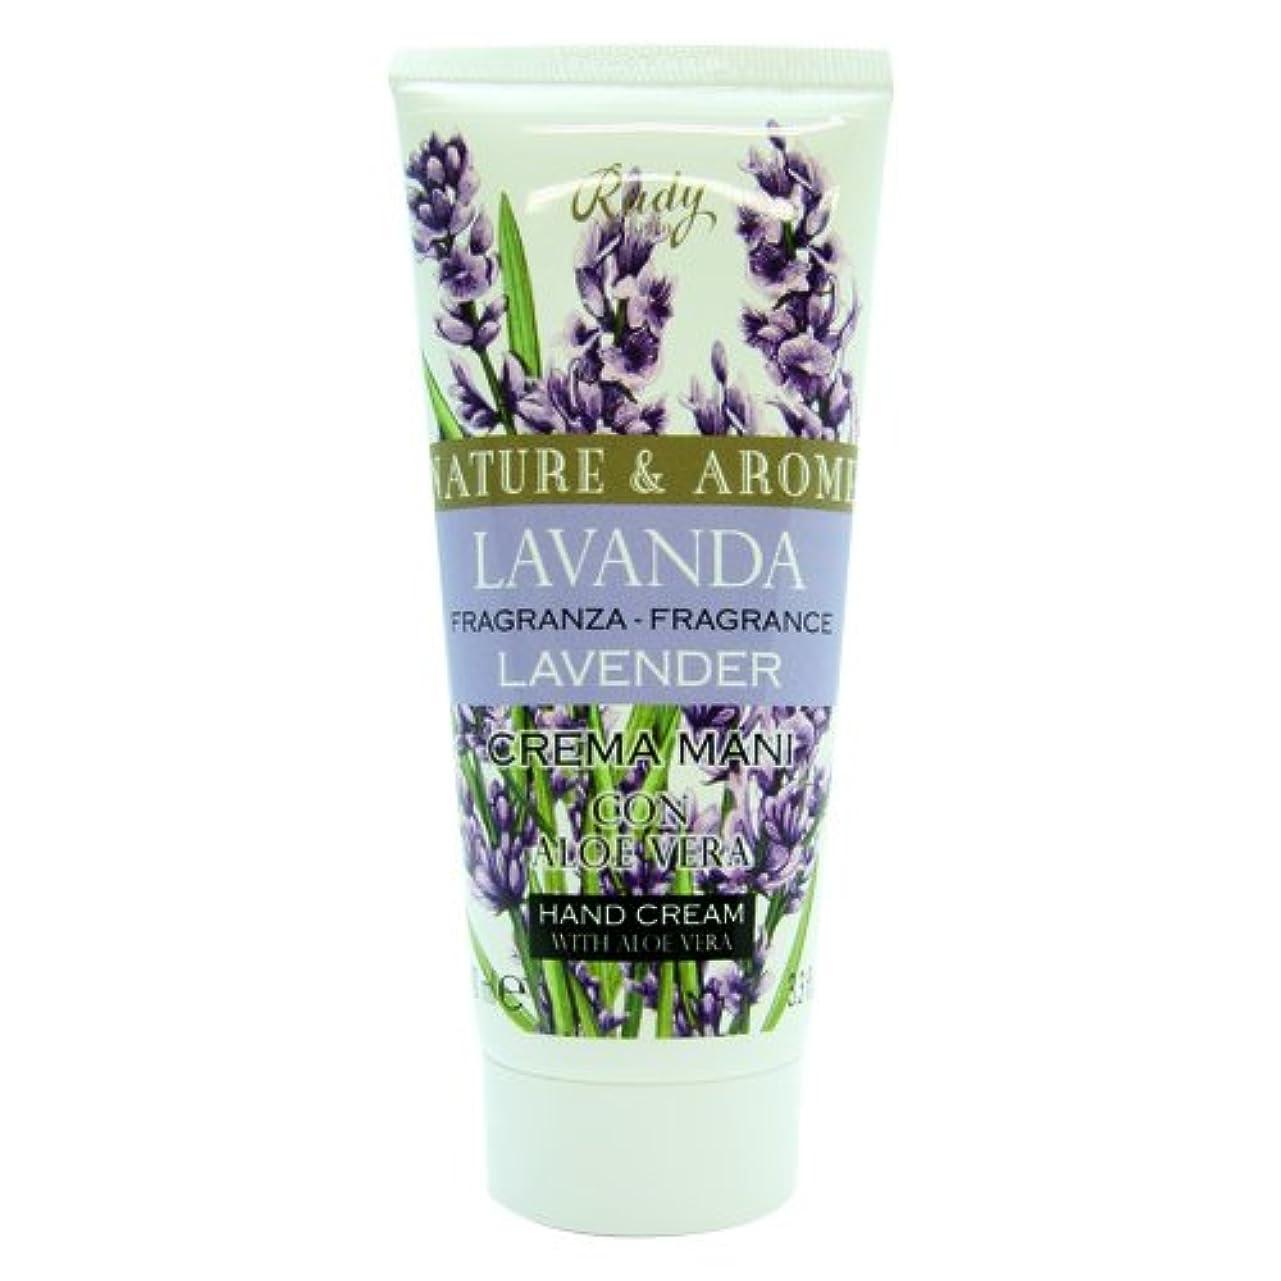 悪因子真夜中RUDY Nature&Arome SERIES ルディ ナチュール&アロマ Hand Cream ハンドクリーム  Lavender ラベンダー